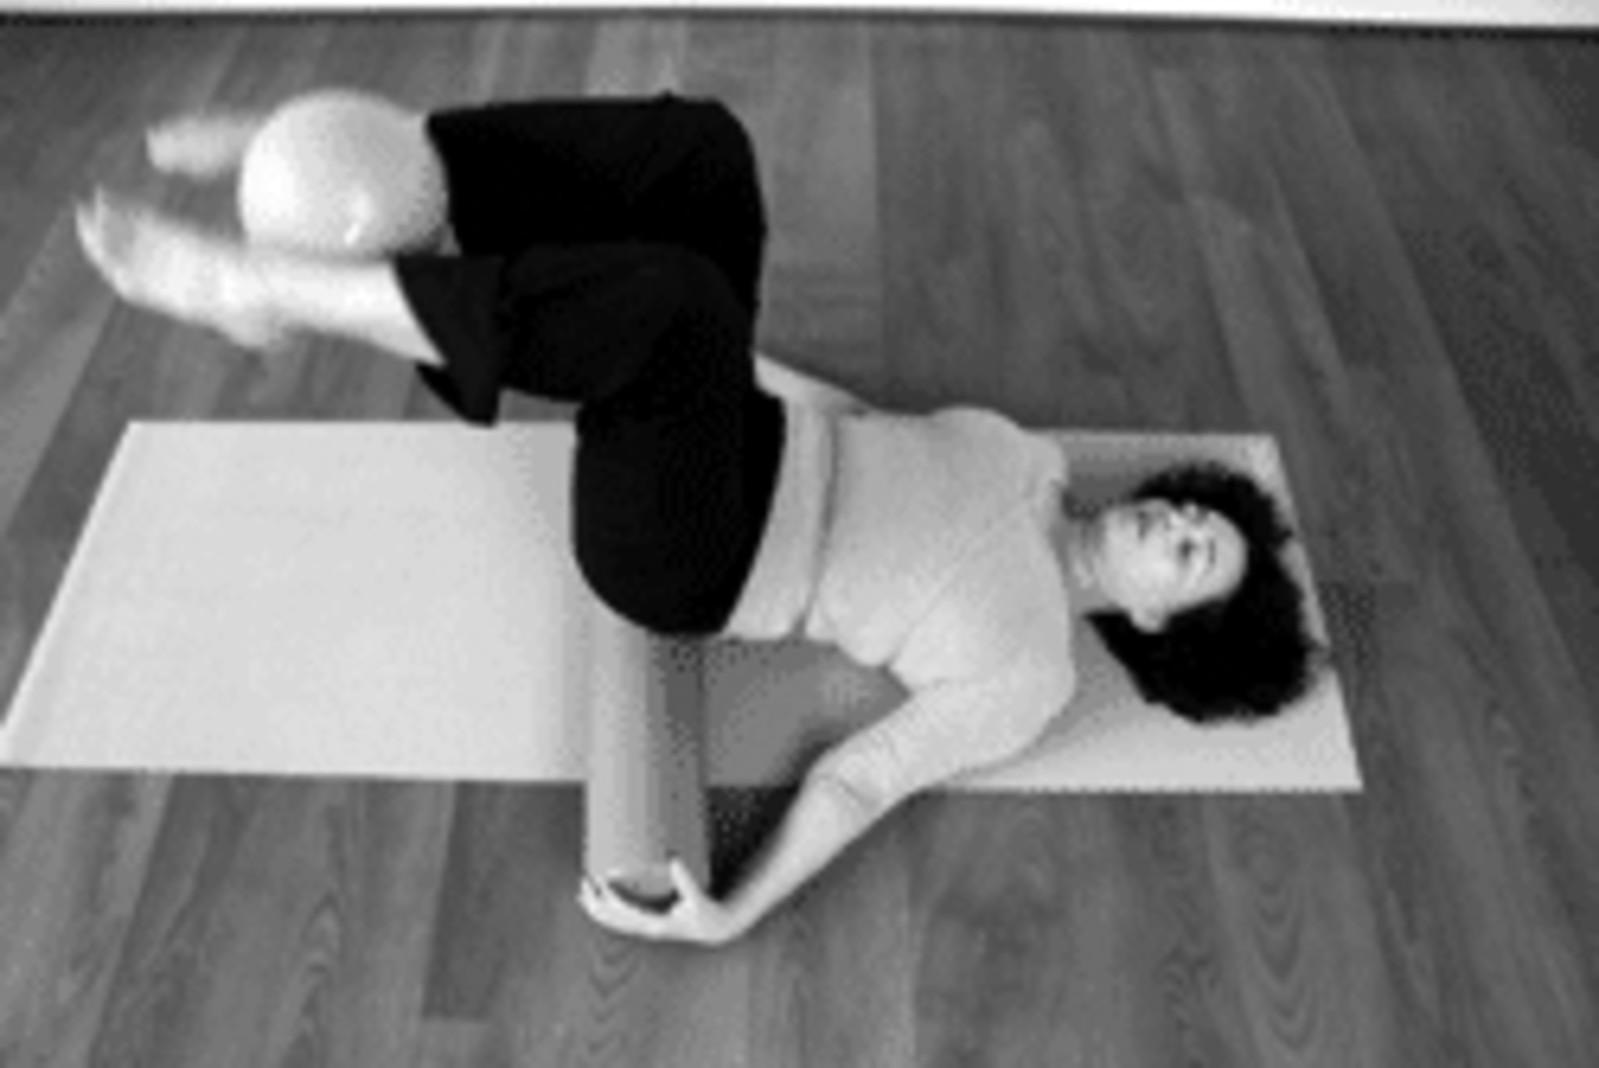 Gainage et tonus musculaire avec Pilates - Nandini Yoga